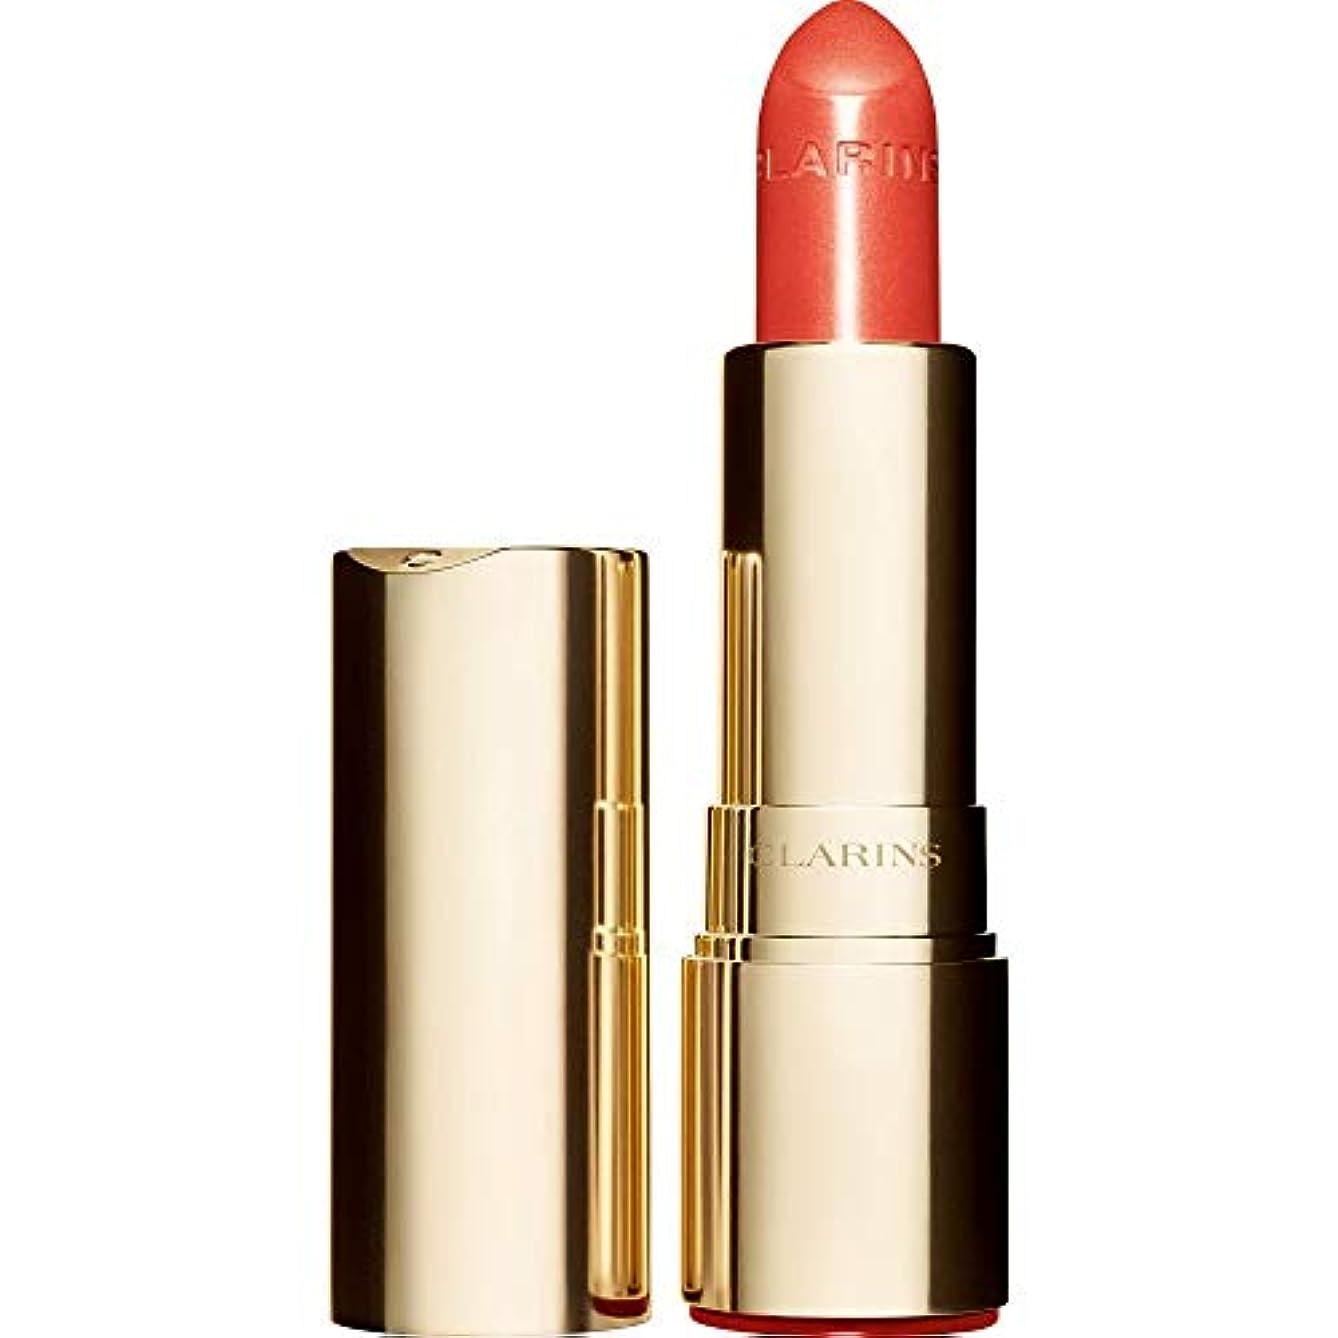 商業の餌熱望する[Clarins ] クラランスジョリルージュブリリアント口紅3.5グラムの711S - パパイヤ - Clarins Joli Rouge Brillant Lipstick 3.5g 711S - Papaya [並行輸入品]